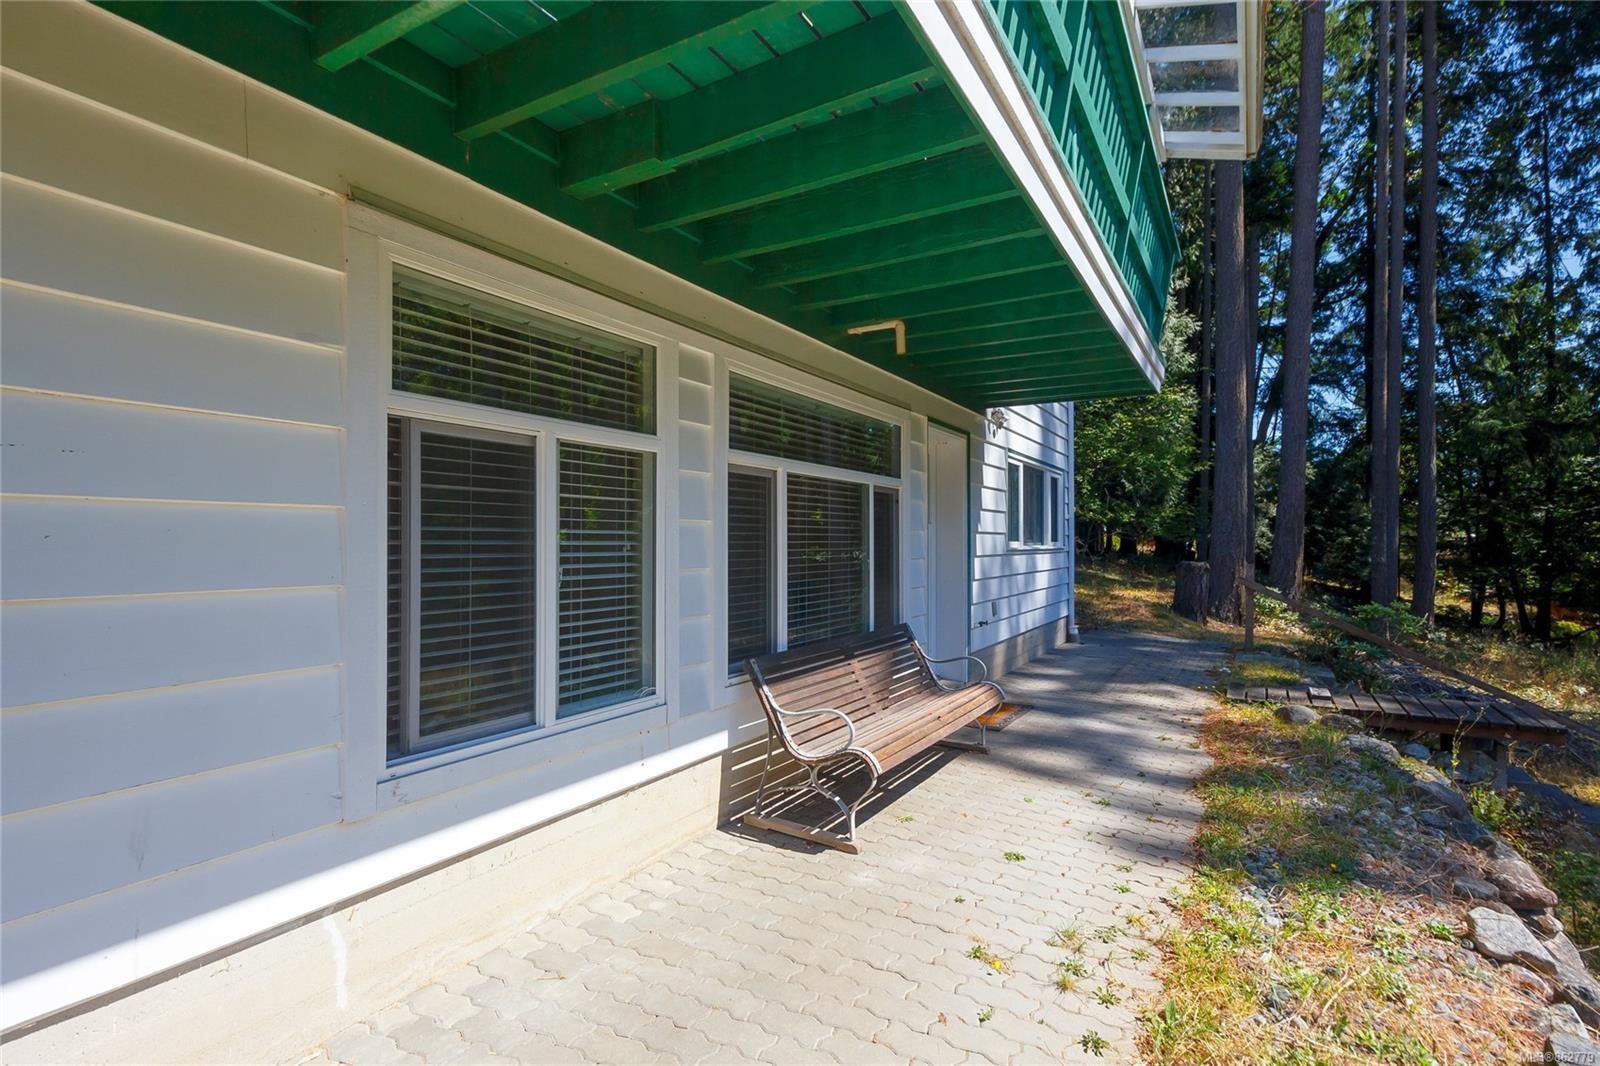 Photo 24 at 3469 Uplands Drive, Nanaimo